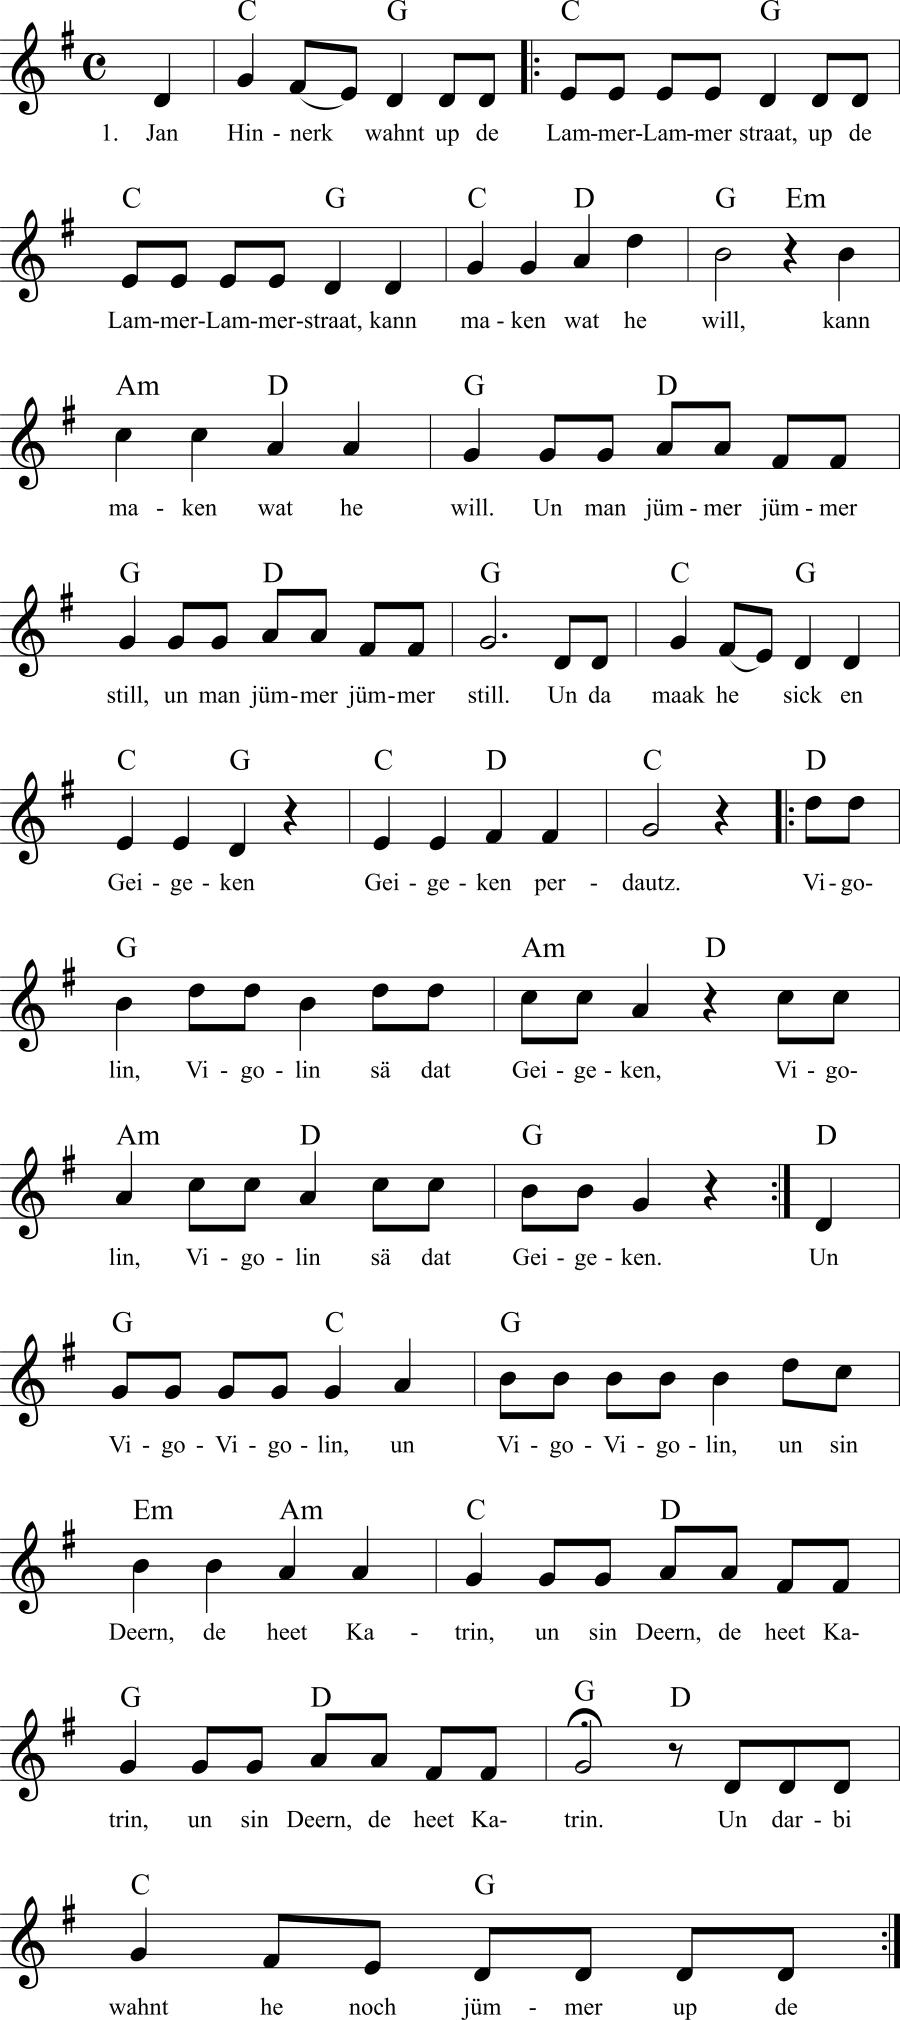 Musiknoten zum Lied Jan Hinnerk